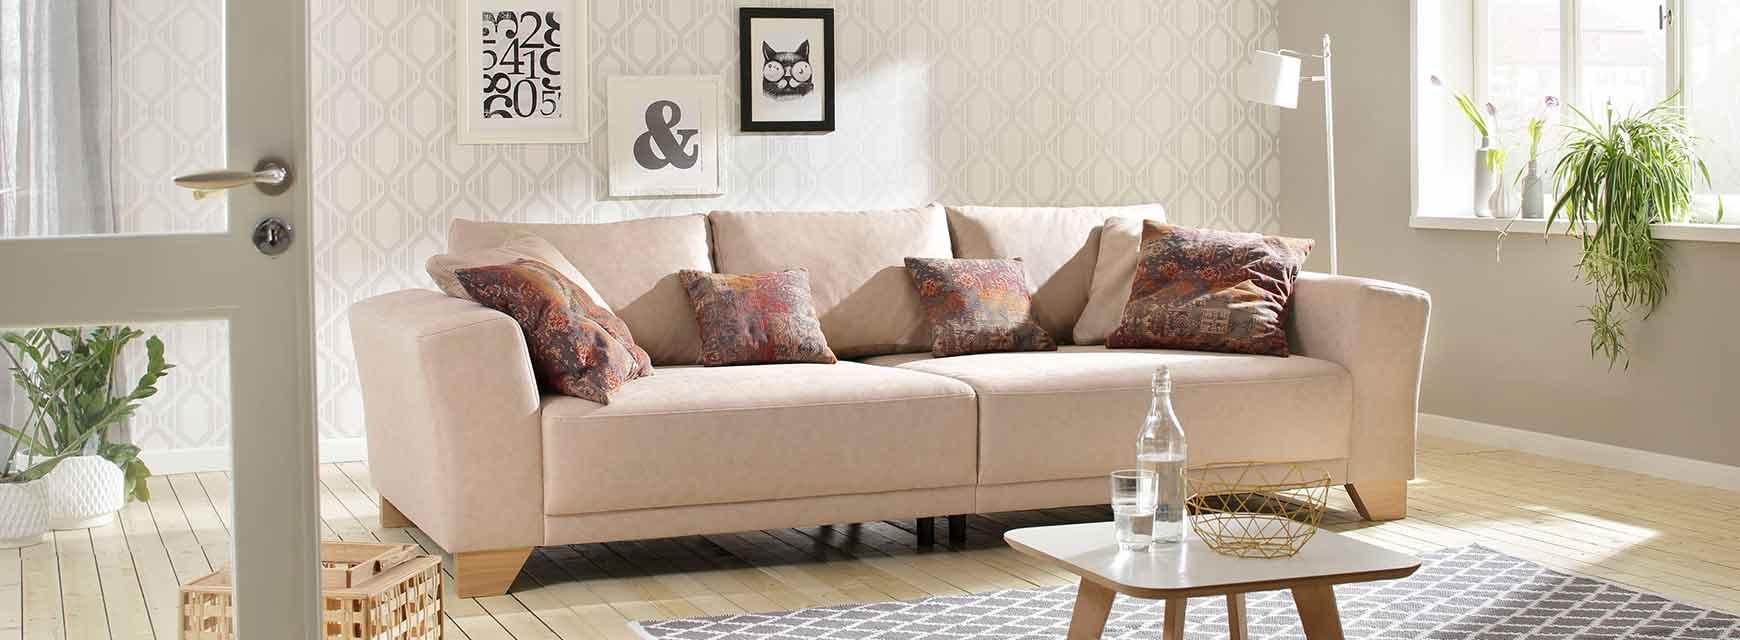 Full Size of Home Affaire Sofa Test Erfahrung Ecksofa Grau Big Erfahrungen Probesitzen Landhausstil Landhaus Couch Online Kaufen Naturloftde Schilling Boxspring 2 Sitzer Sofa Home Affaire Sofa